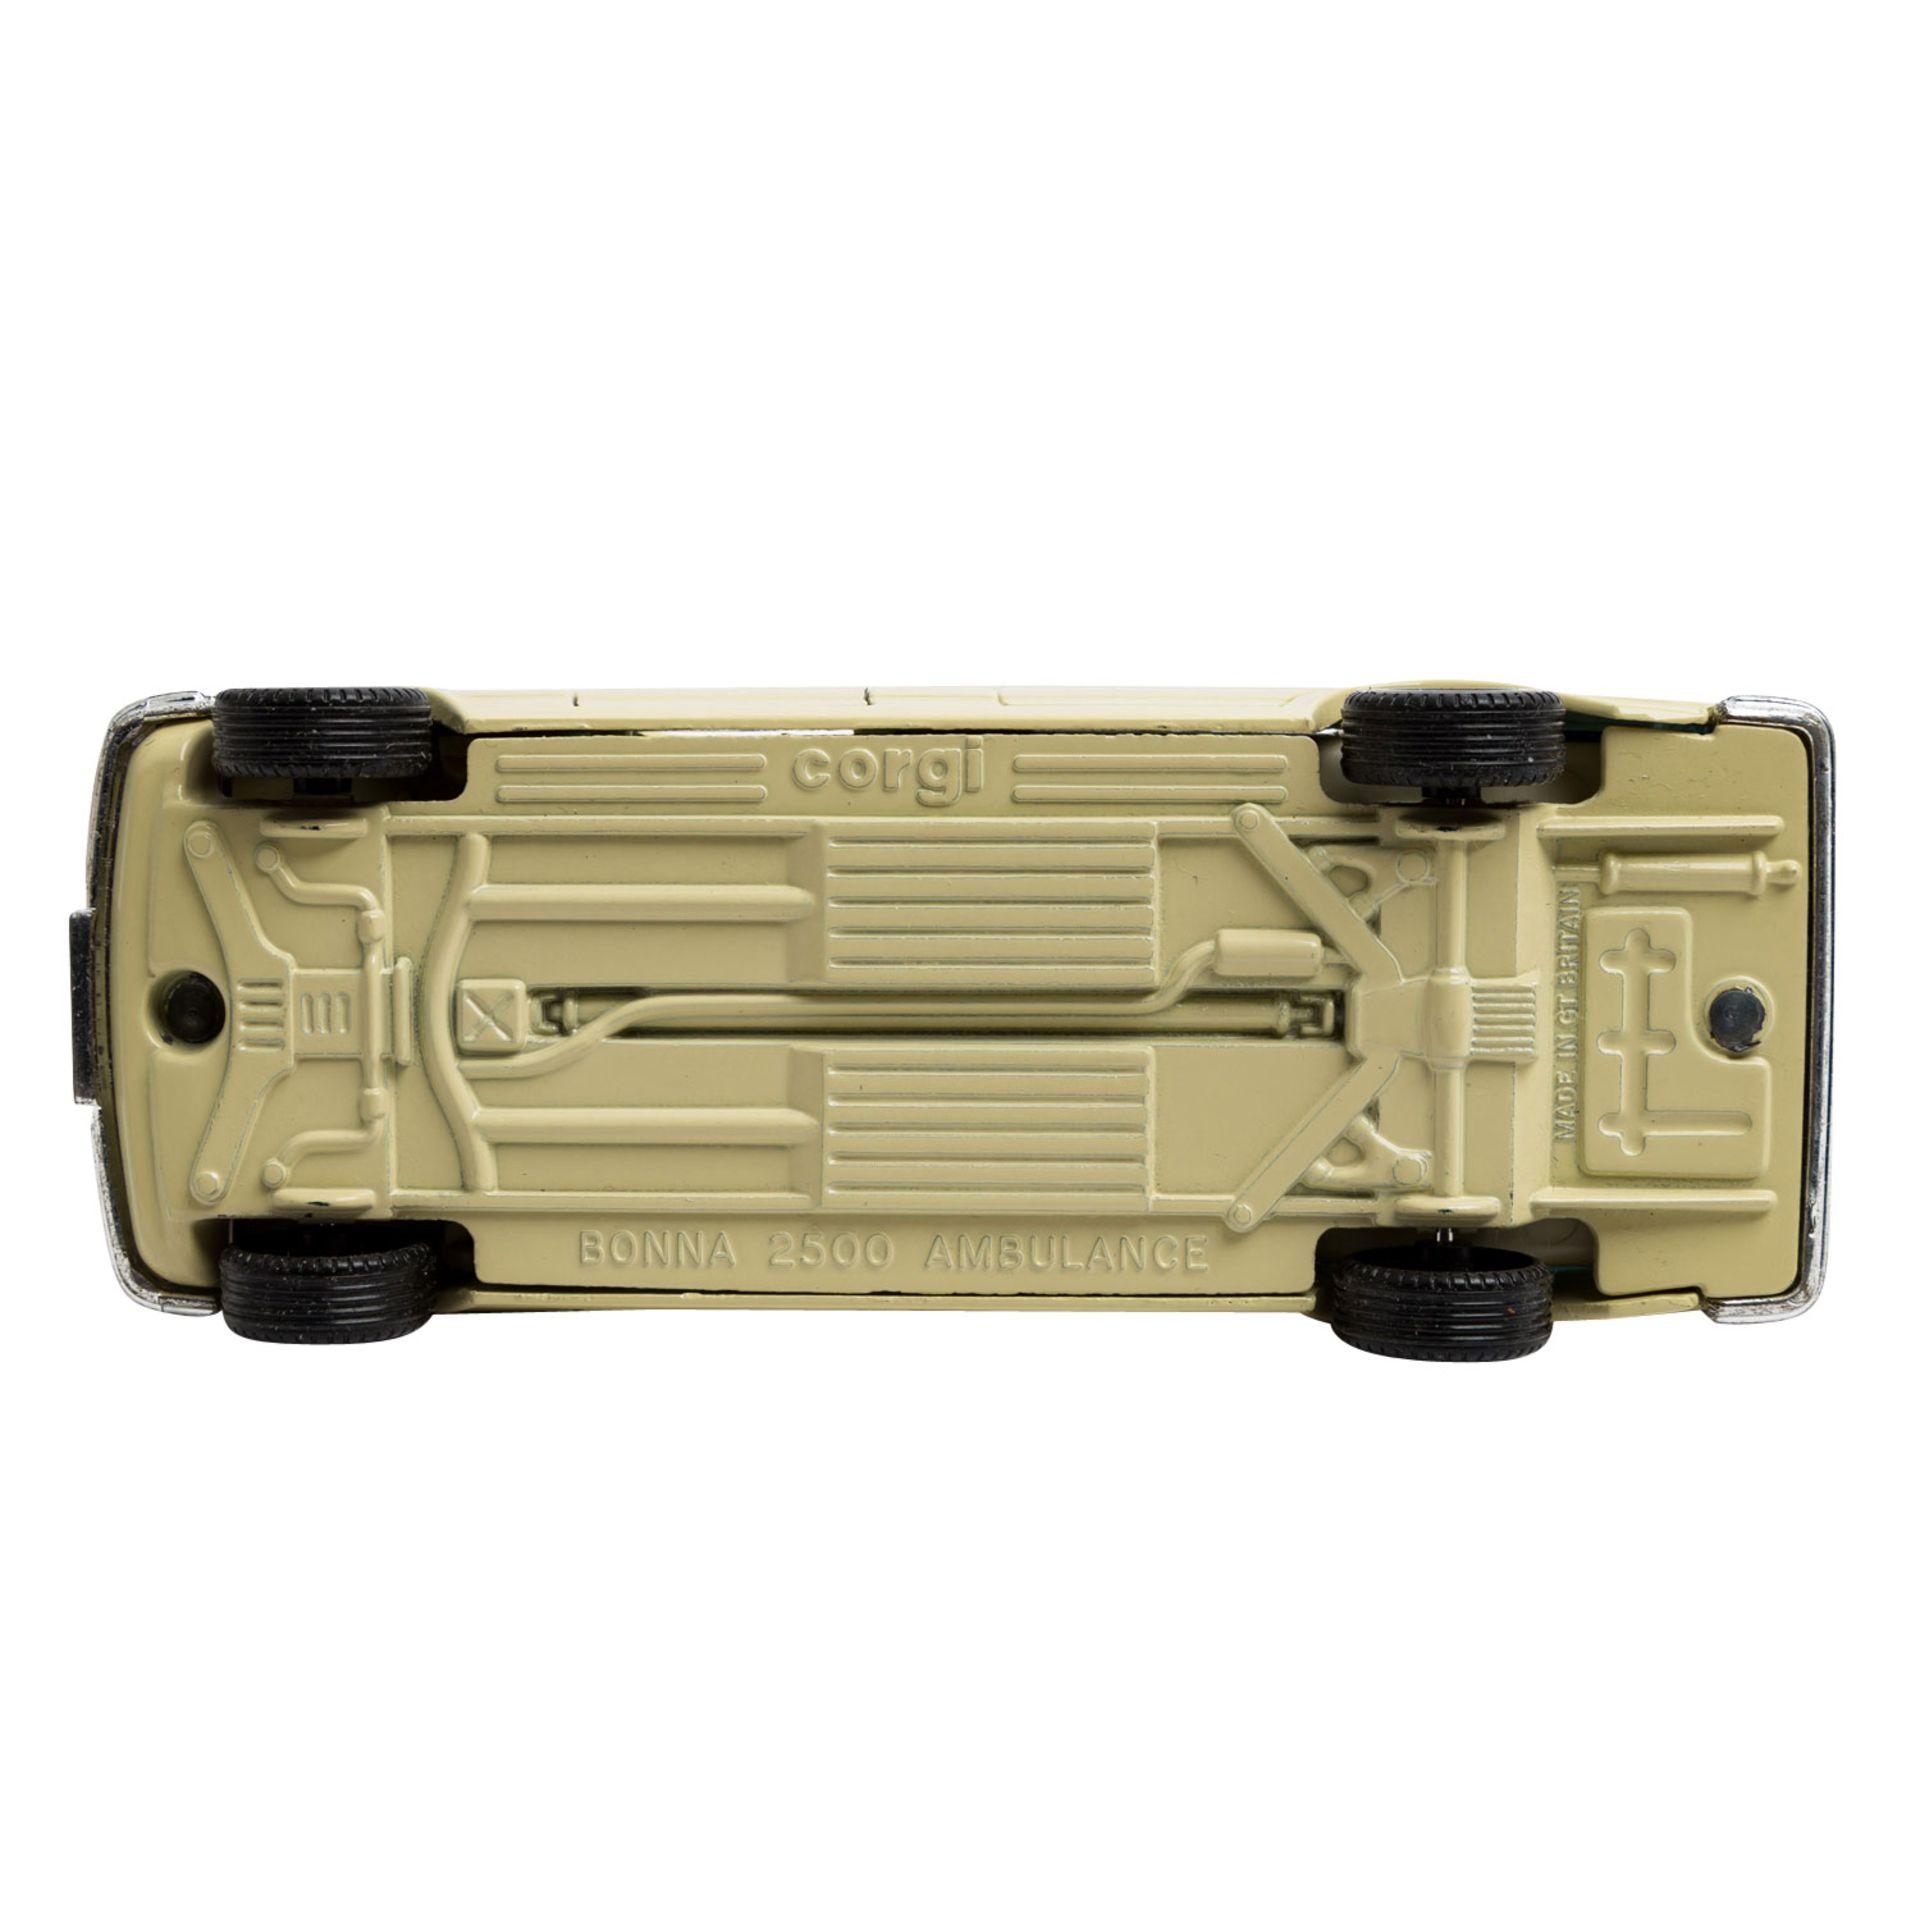 MATCHBOX/WIKING/HERPA u.v.a. Konvolut von ca. 100 Rettungsdienst-Modellfahrzeugen im Maßstab 1:87 bi - Image 6 of 7